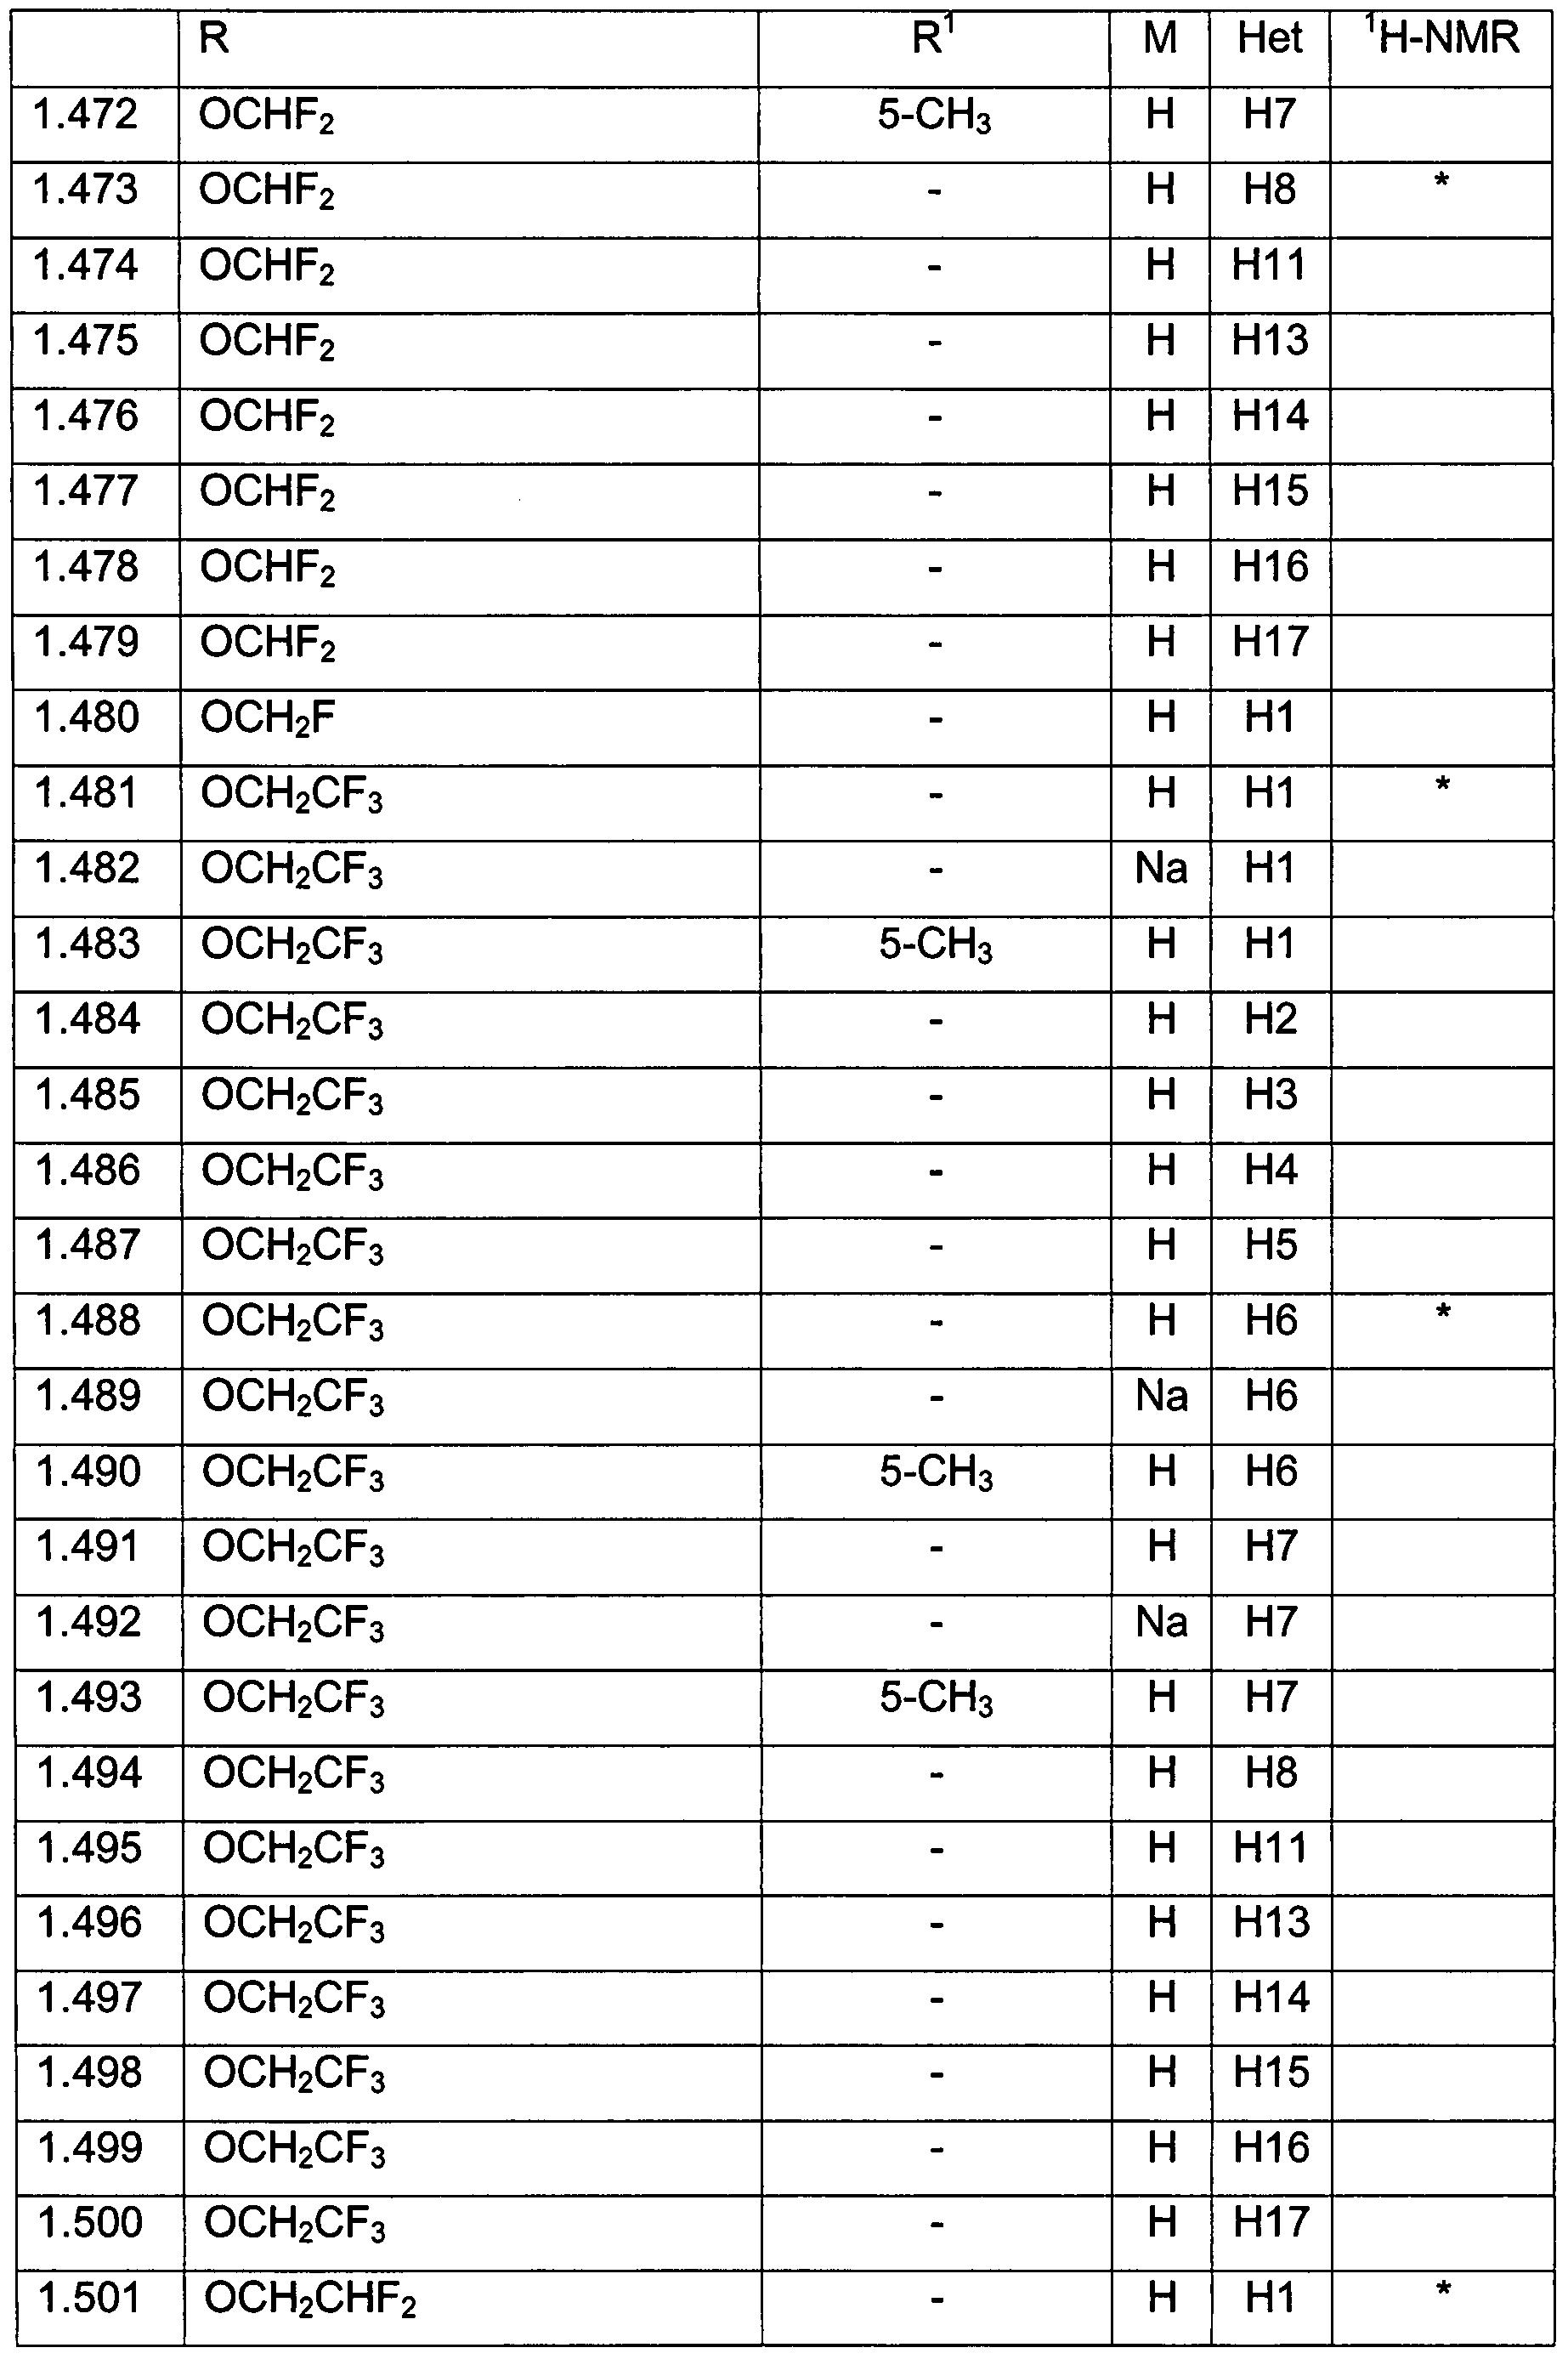 专利wo2006<strong>11</strong>4221a1   sulfonylaminothiocarbonyl